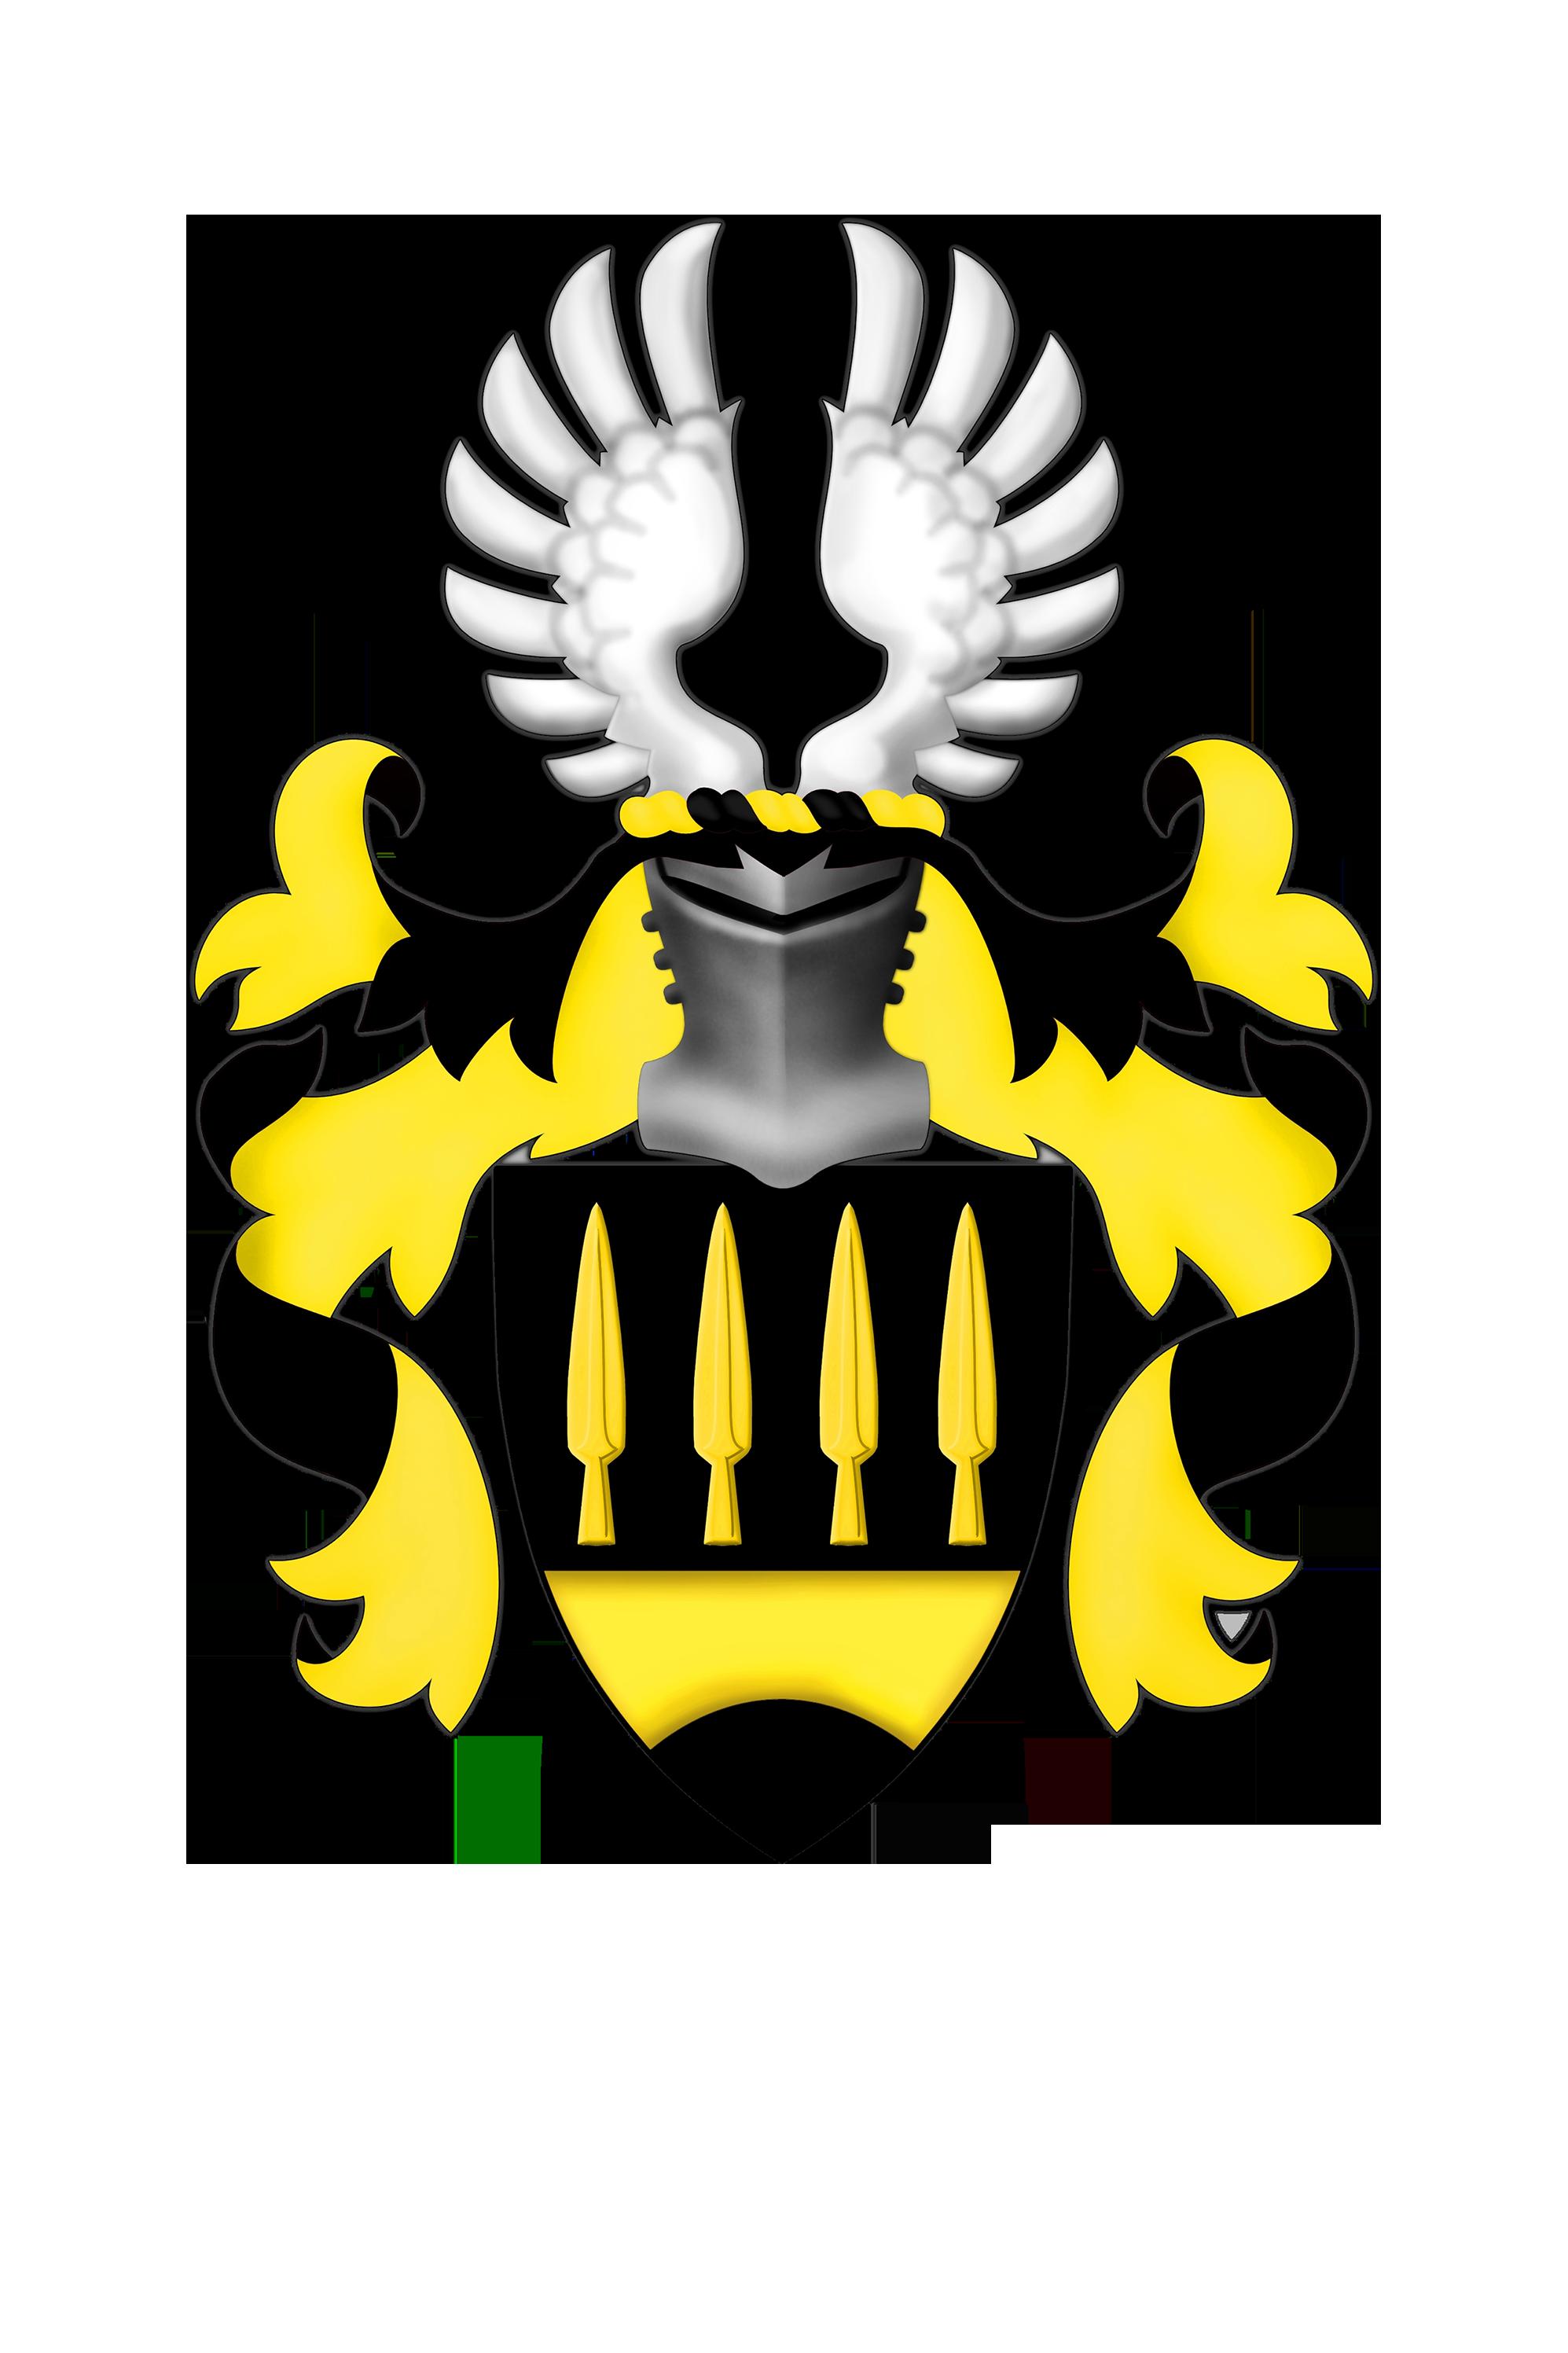 orbinskinsukuseurary